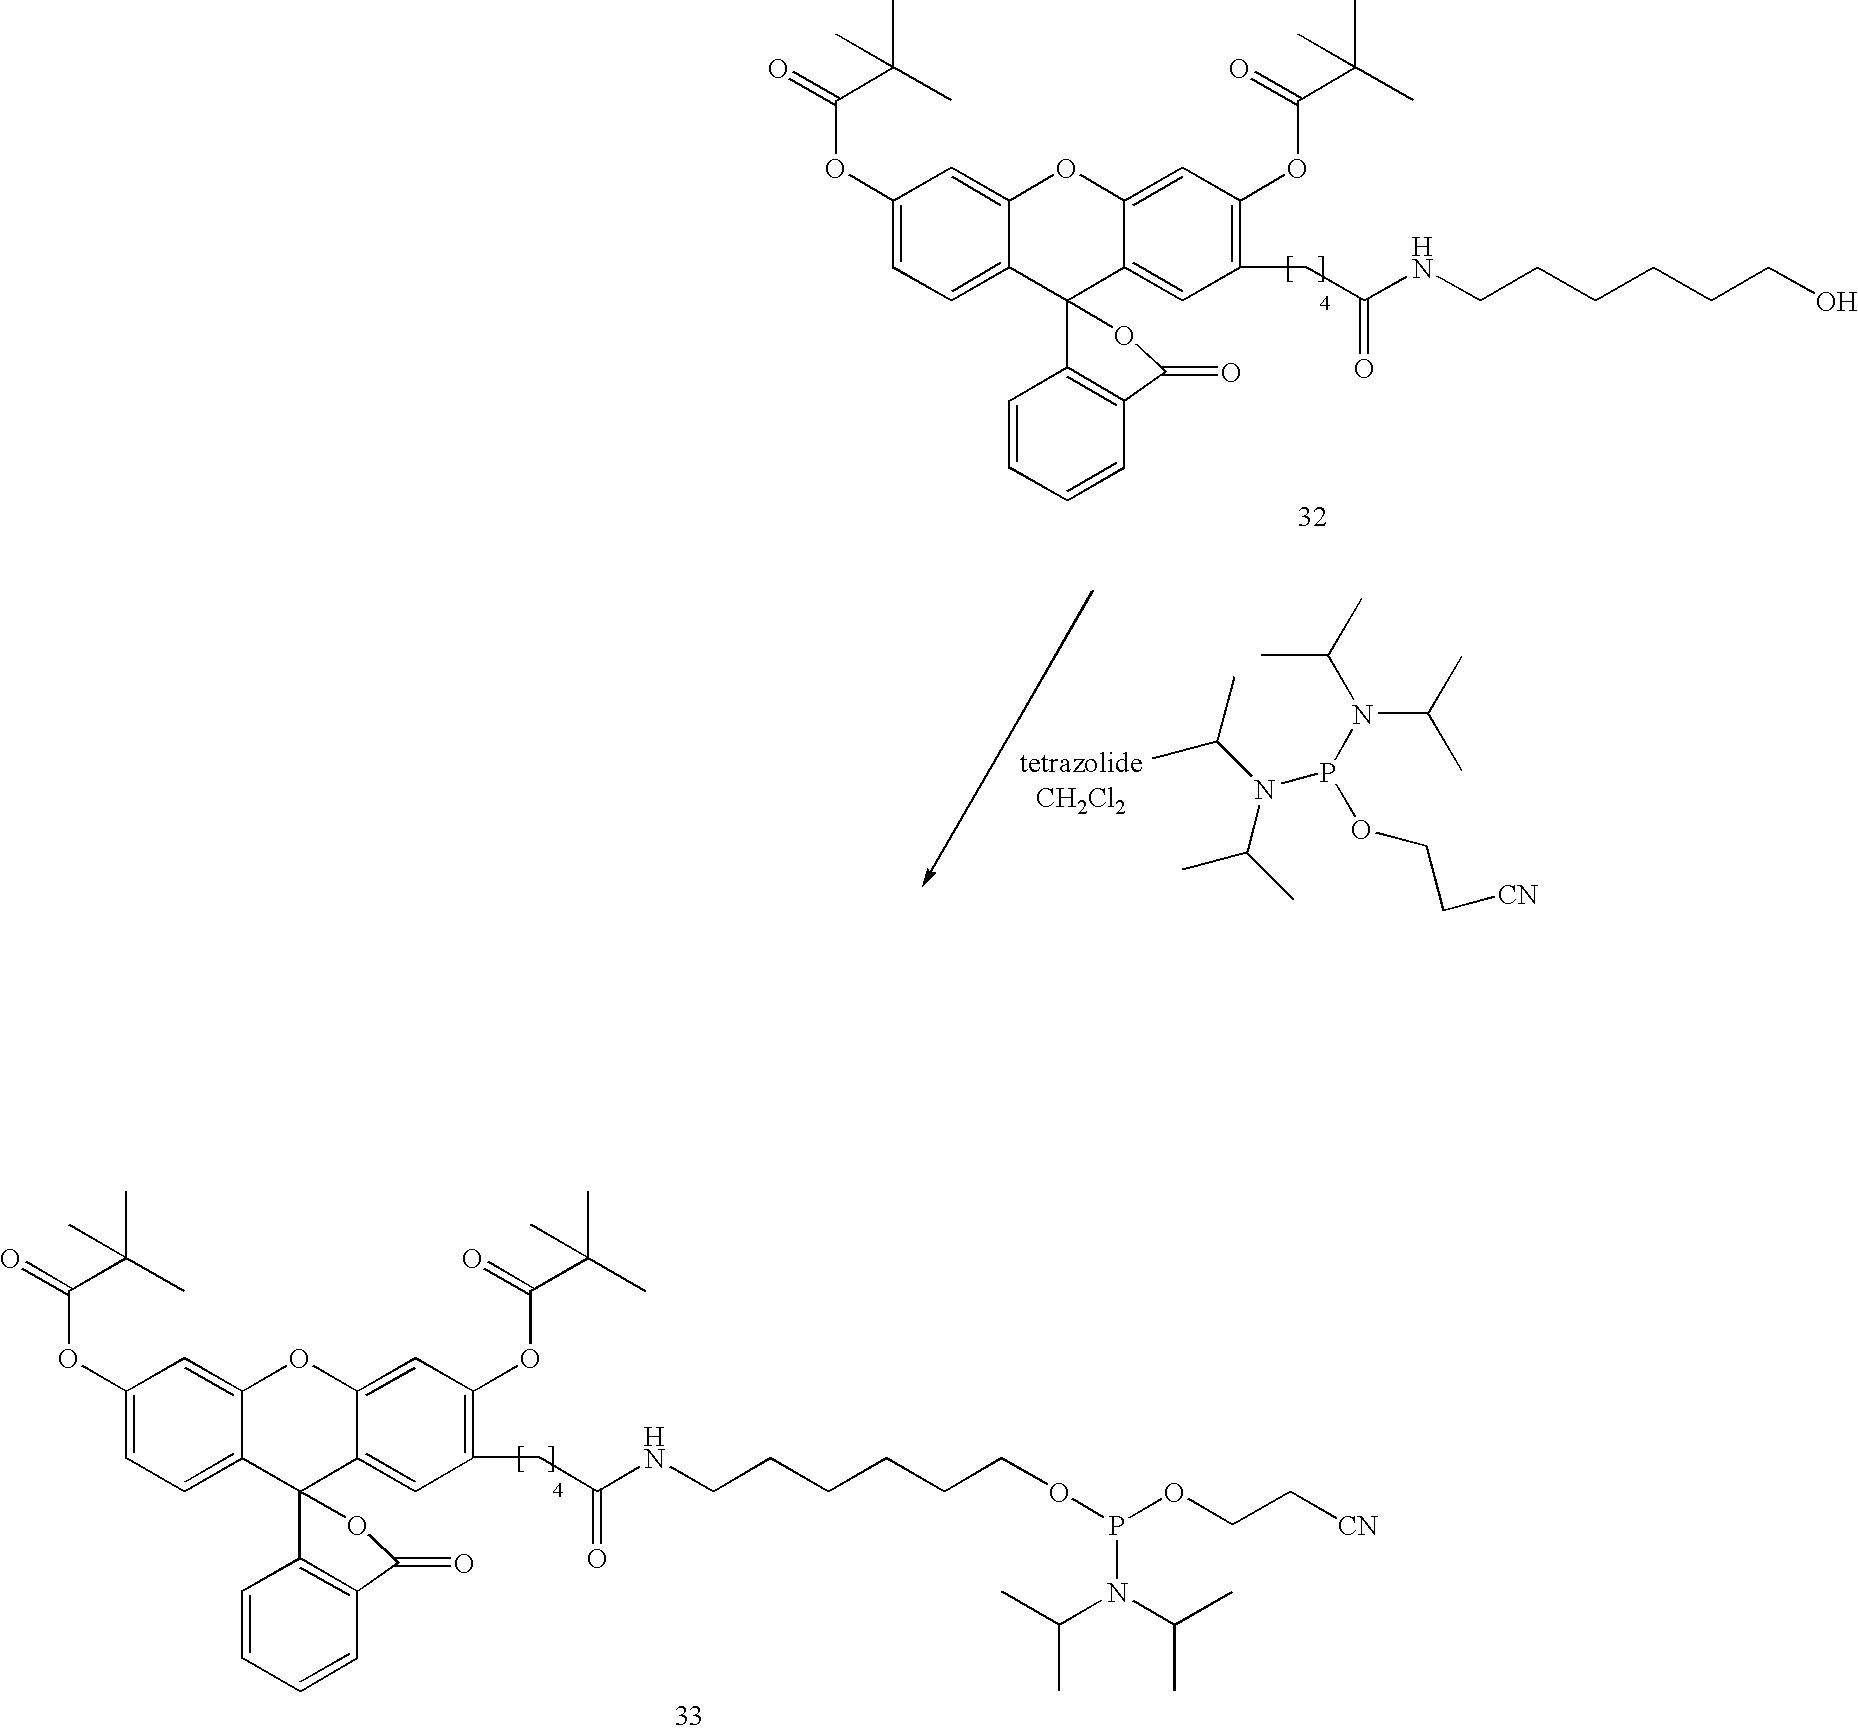 Figure US07541454-20090602-C00052